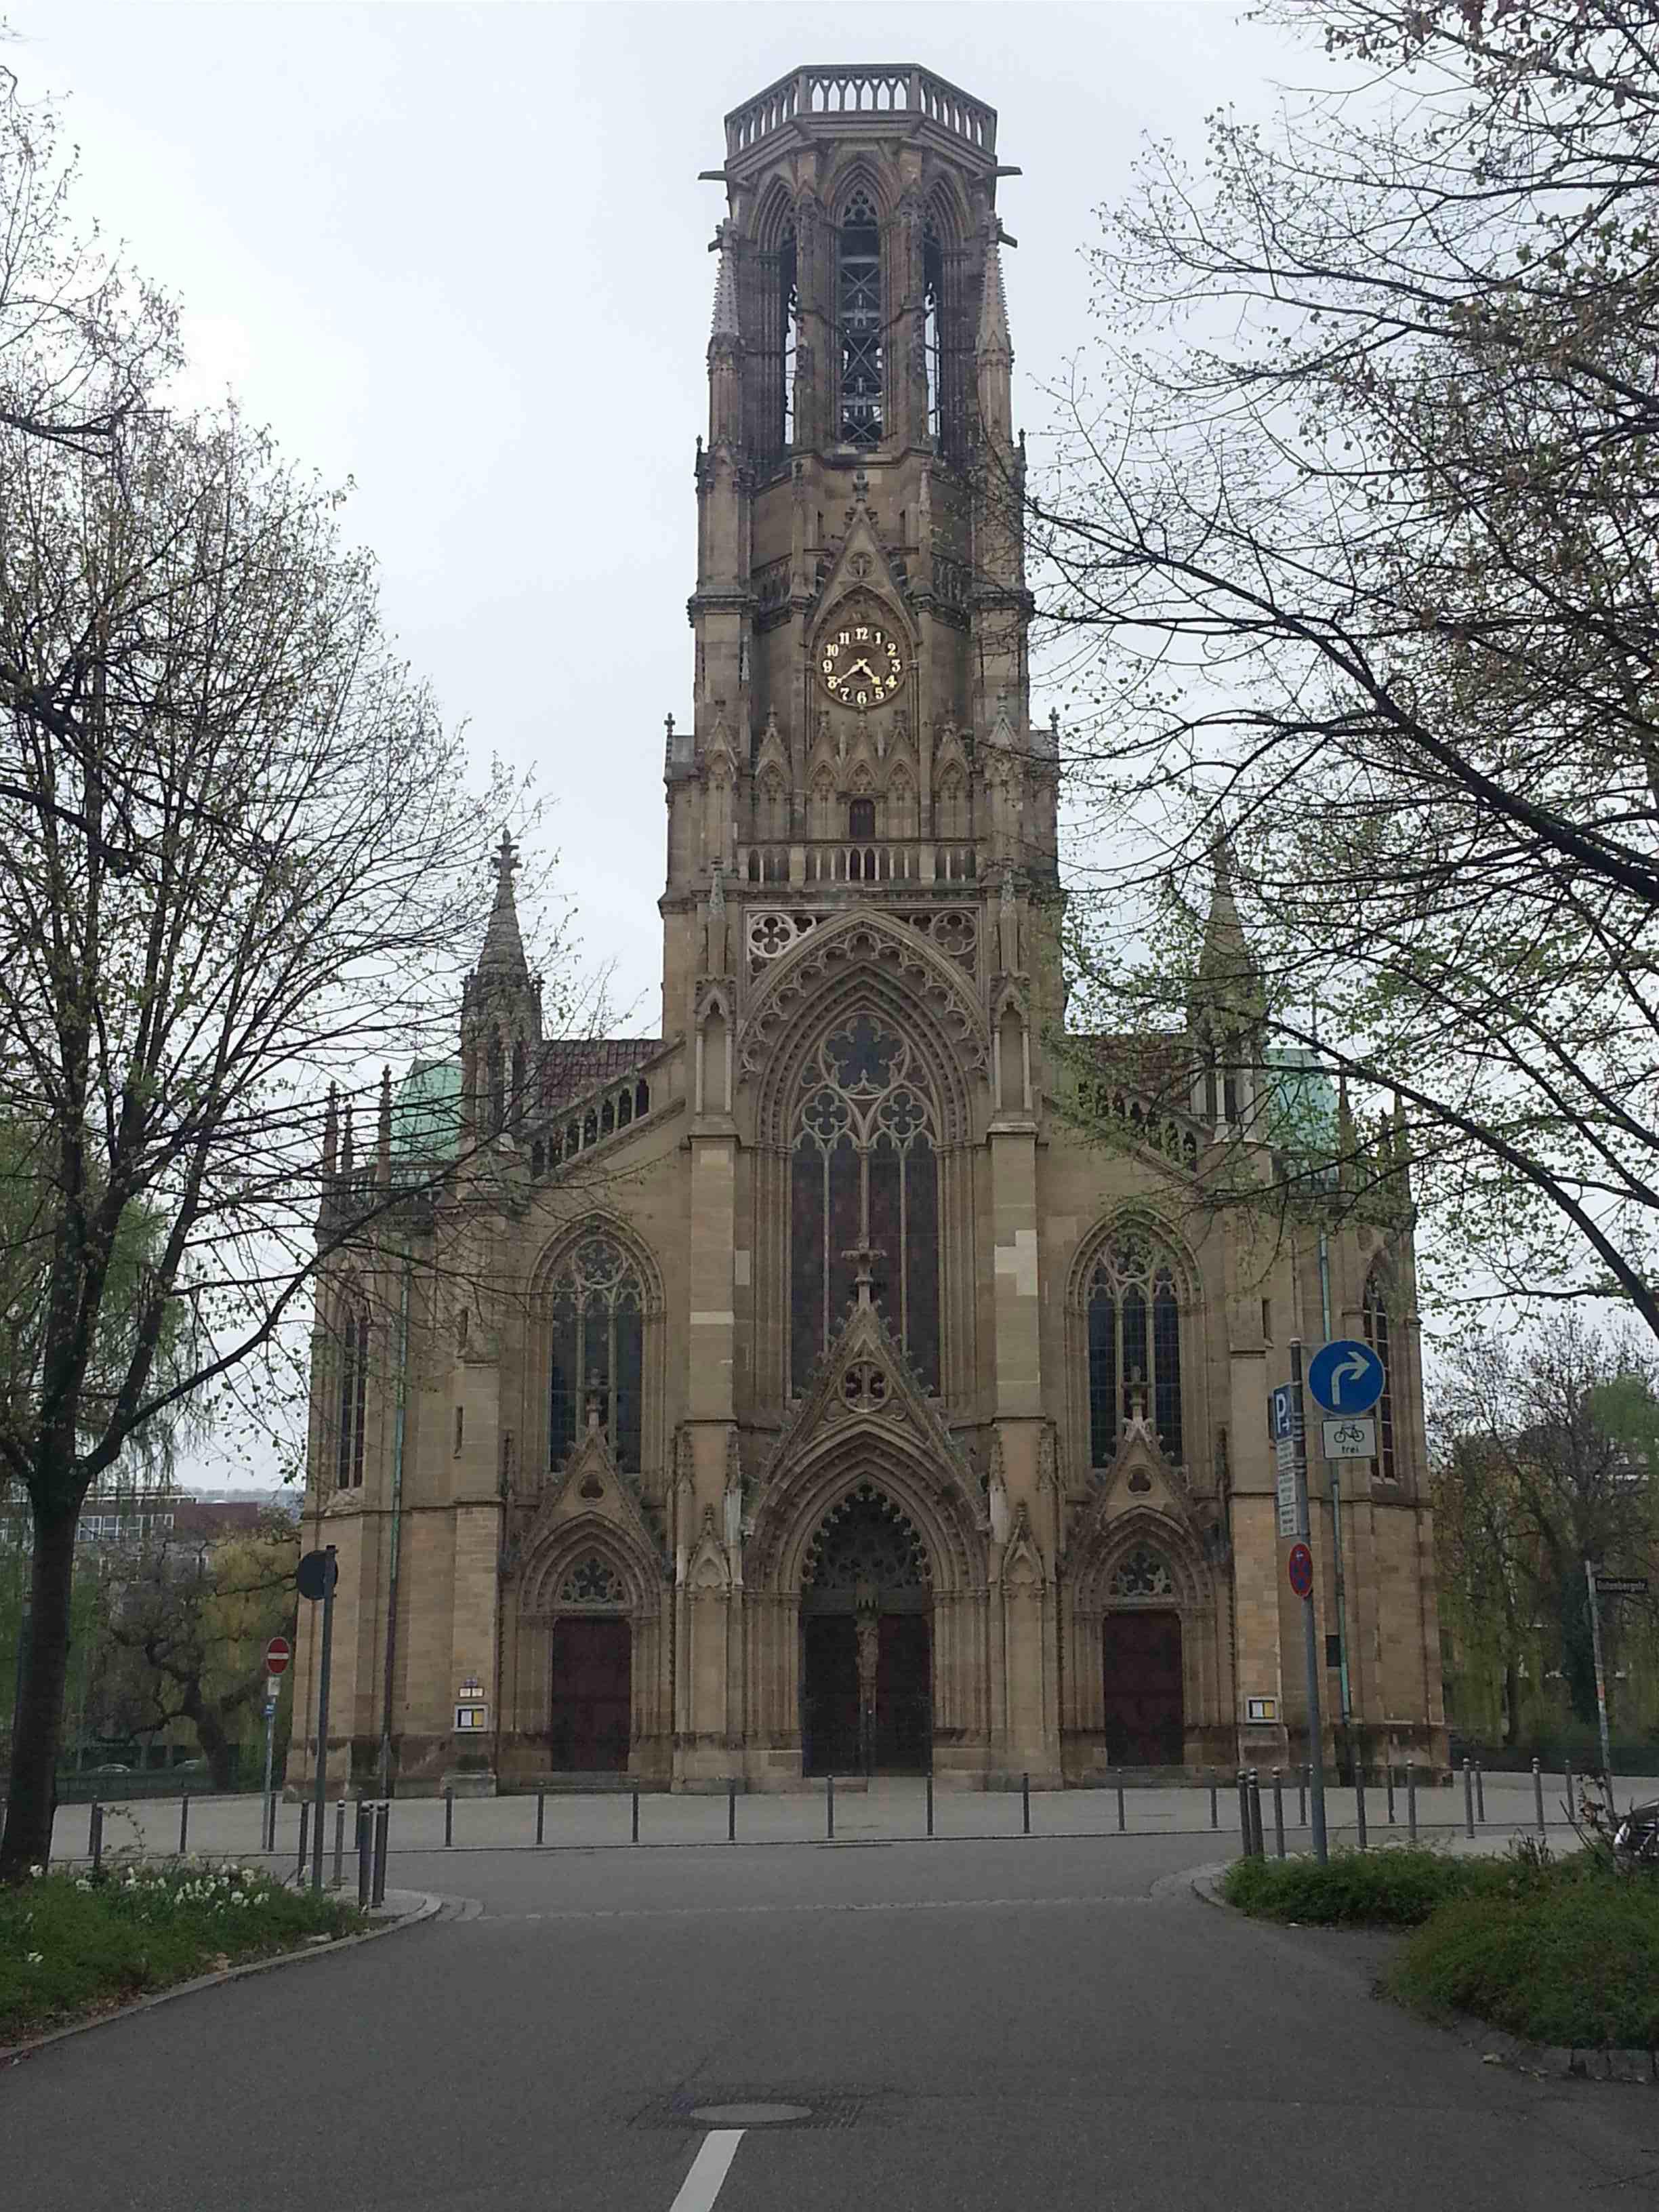 Kirche am Feuersee - Schlüsseldienst Stuttgart hilft auch dort